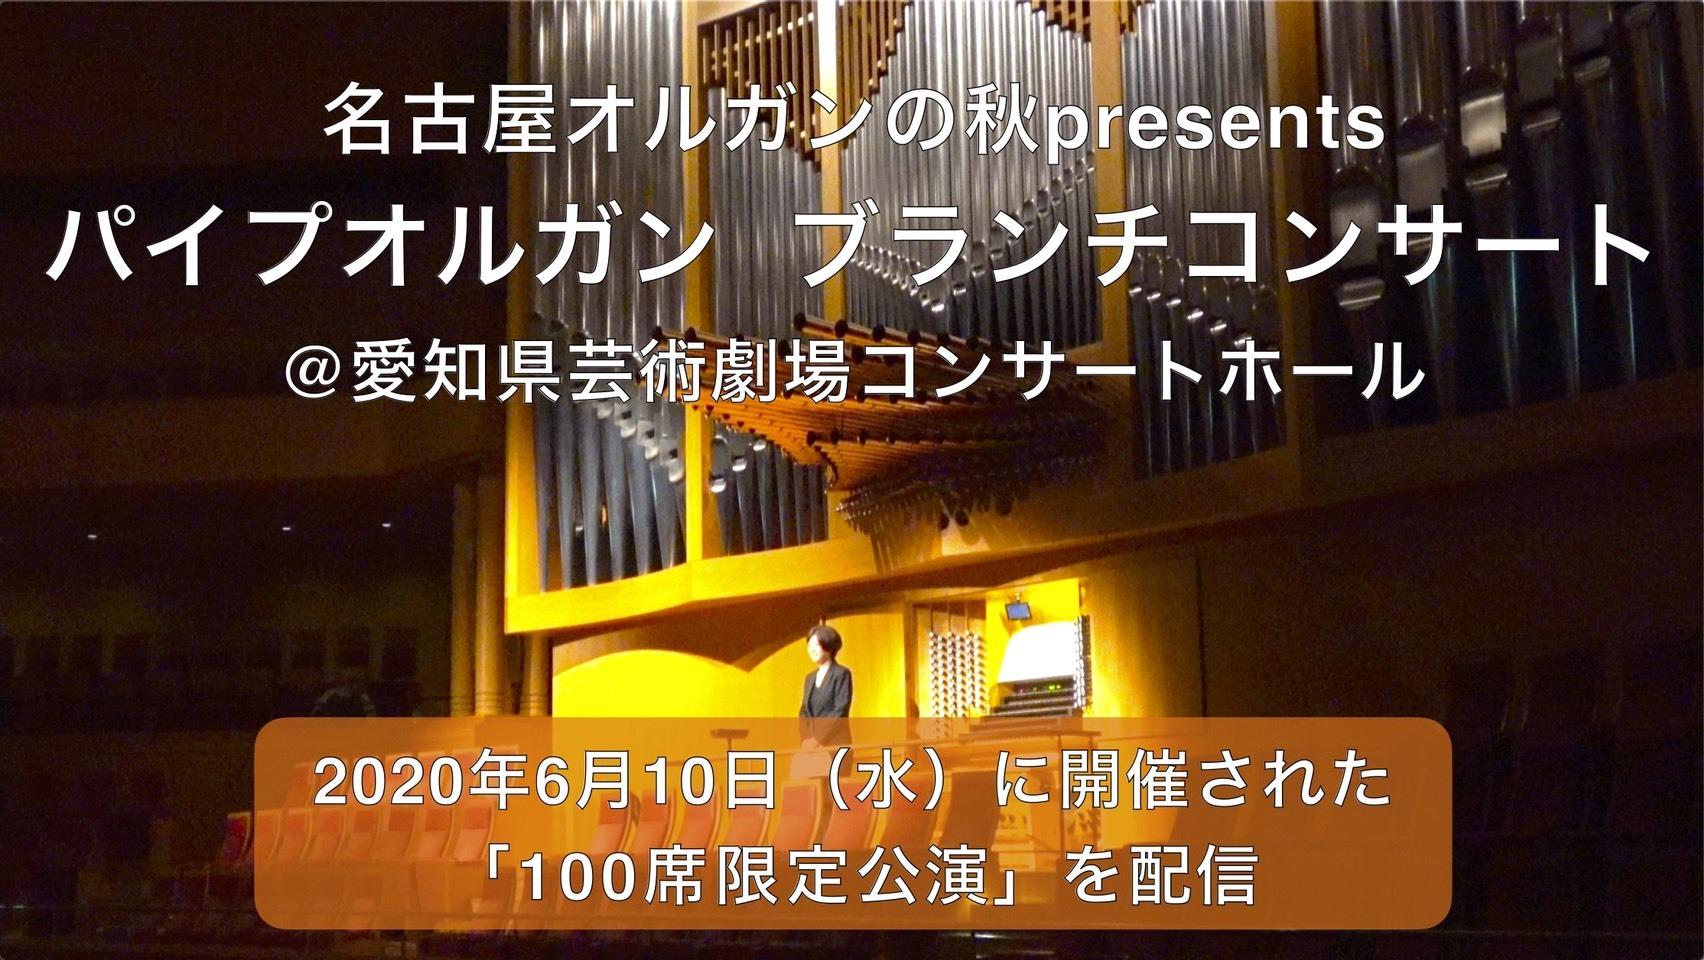 2020年6月10日開催 パイプオルガン ブランチコンサート「100席限定」公演動画_b0141416_14353609.jpg